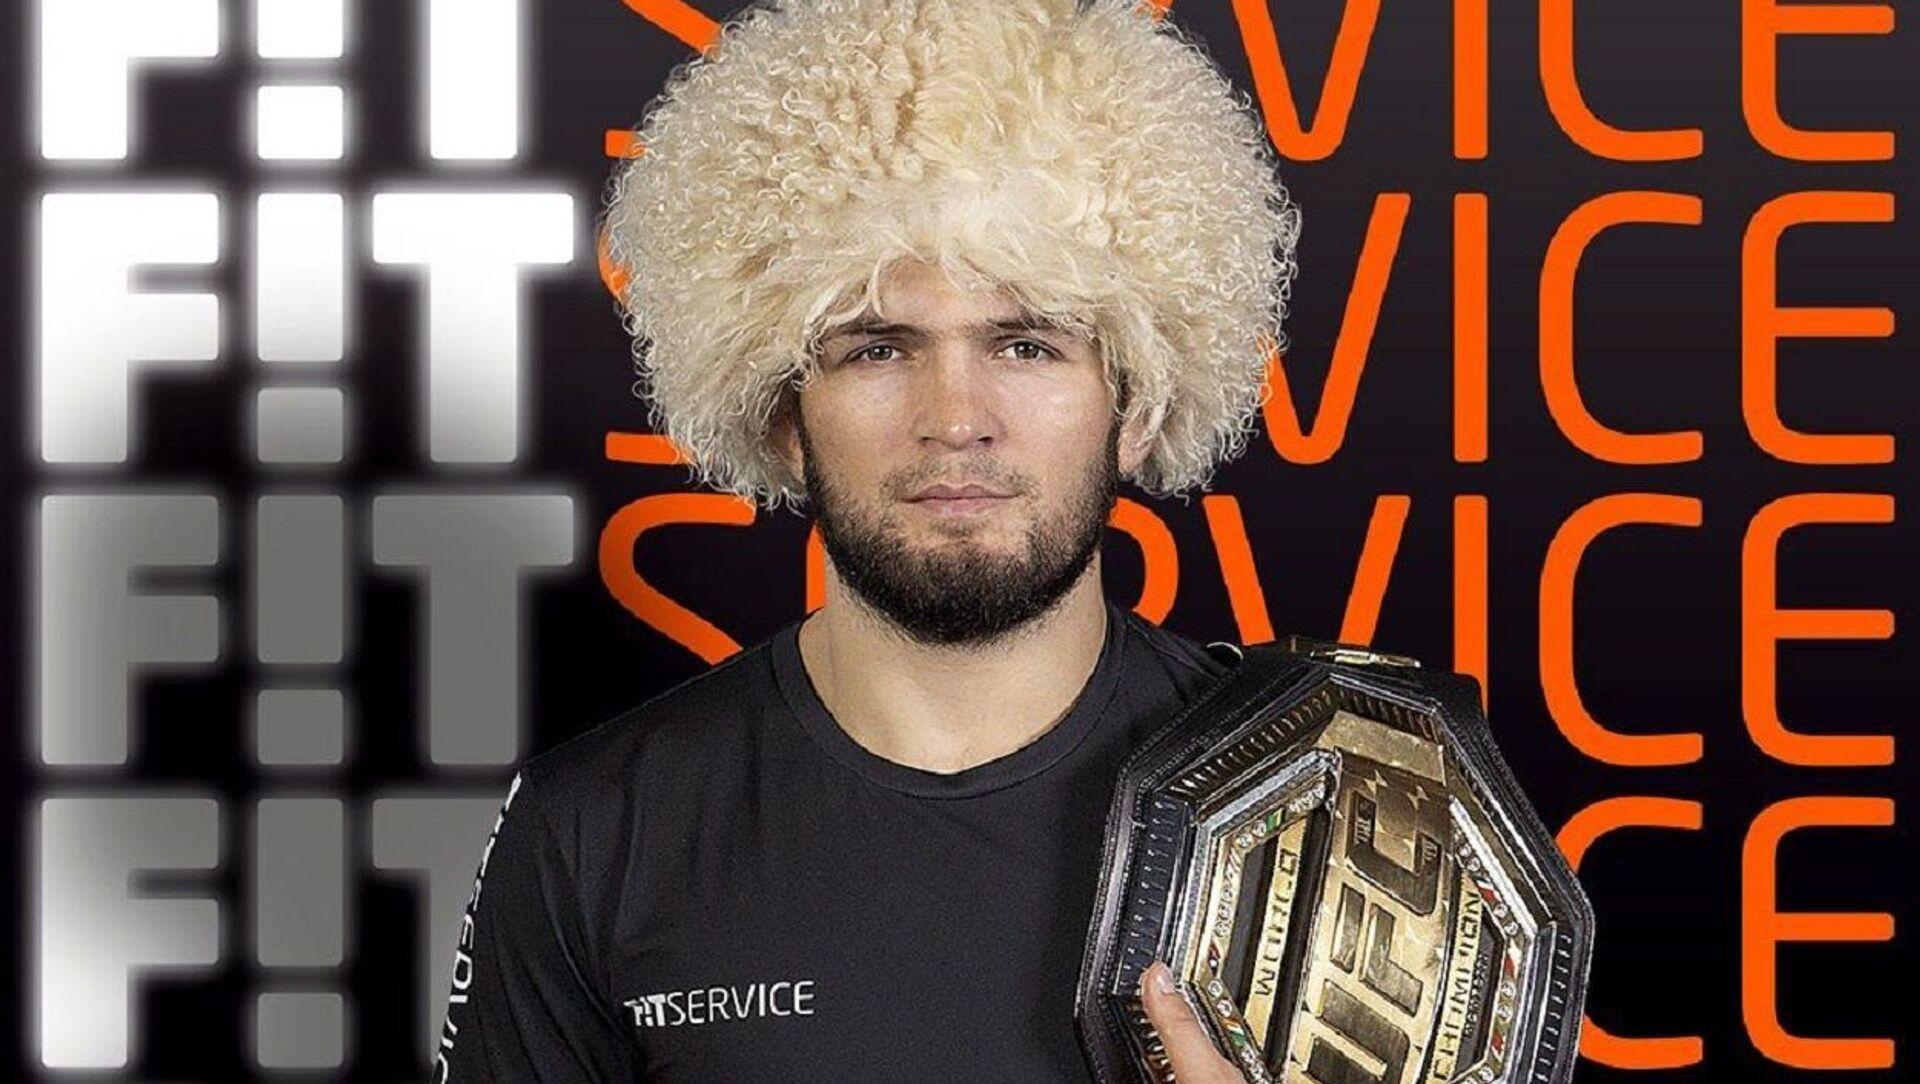 Khabib Nurmagomedov, campeón de peso ligero de la UFC - Sputnik Mundo, 1920, 16.12.2020